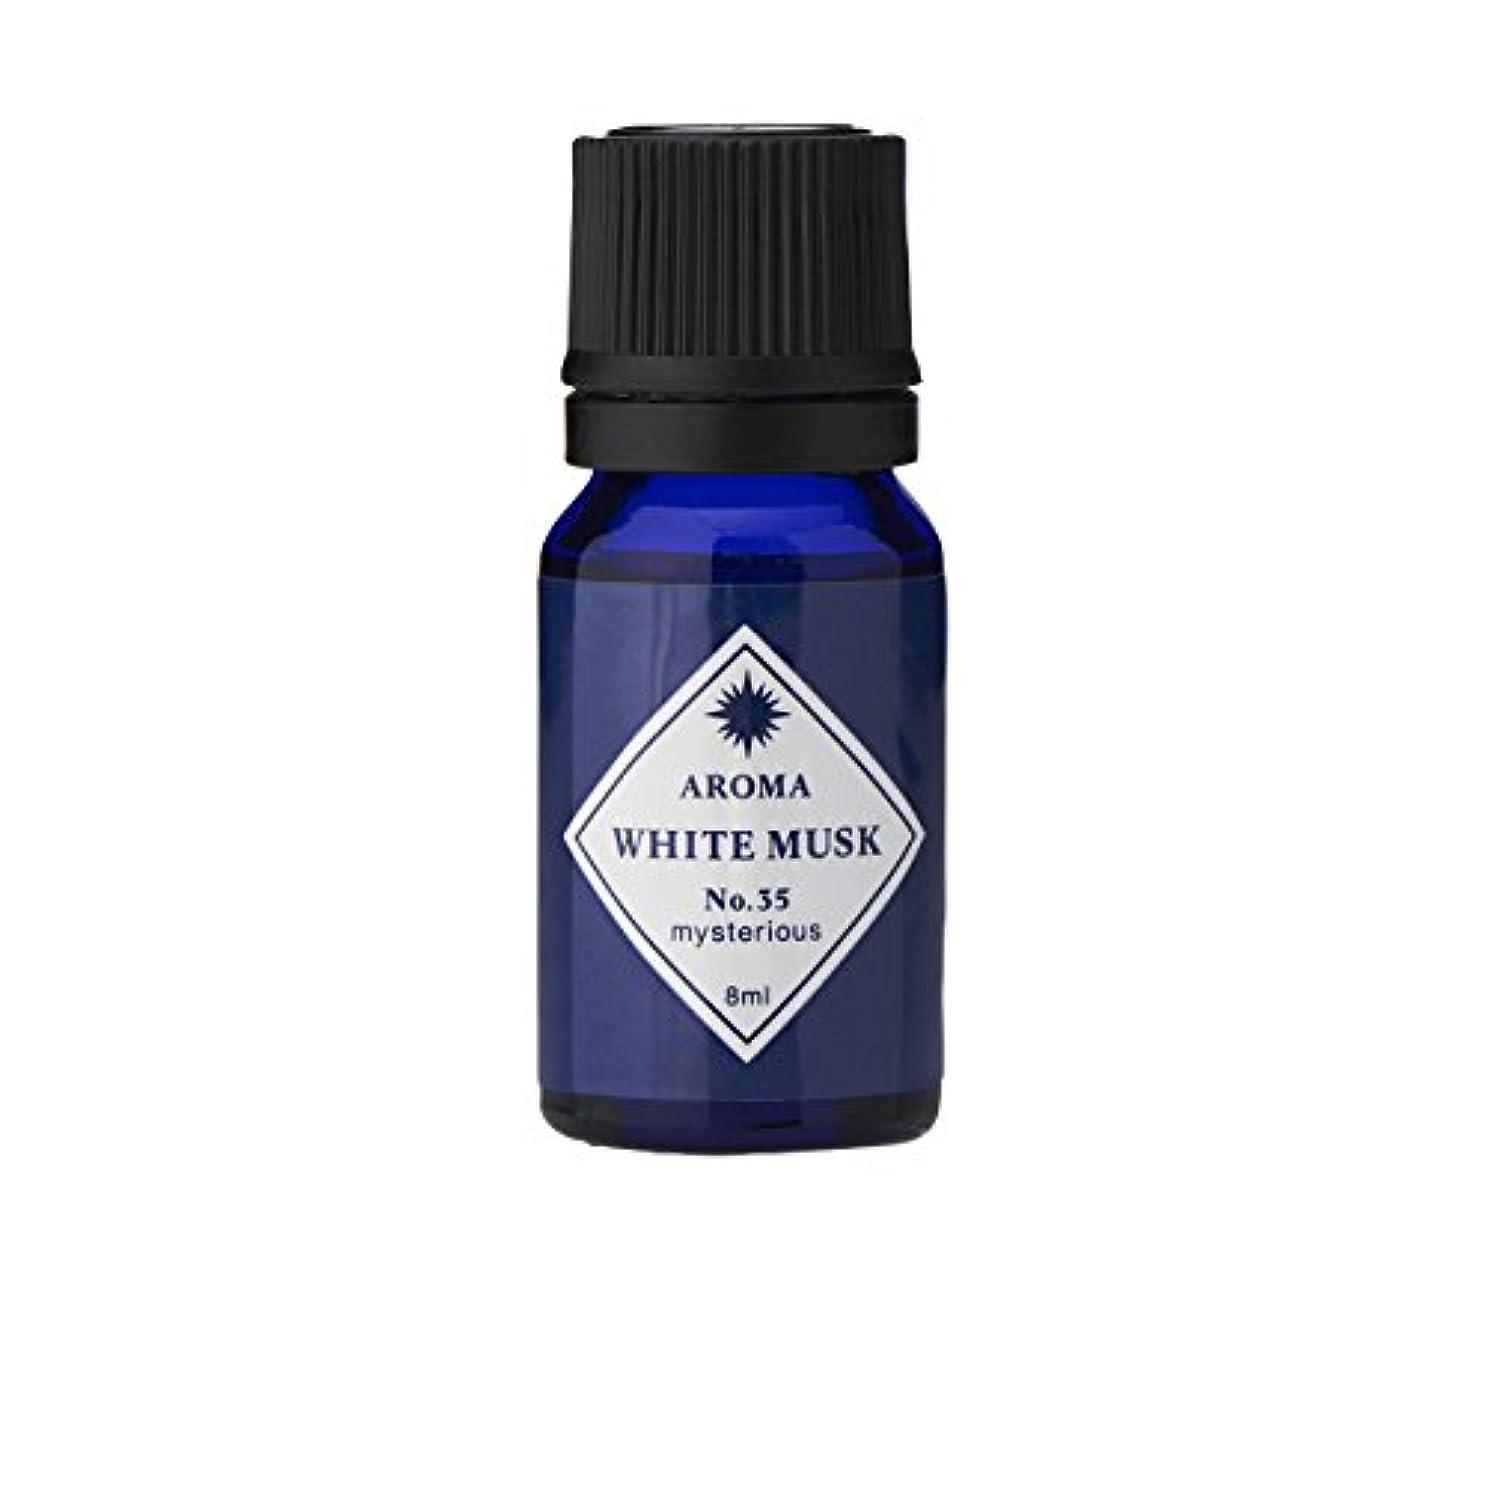 バスルームアカウント置くためにパックブルーラベル アロマエッセンス8ml ホワイトムスク(アロマオイル 調合香料 芳香用 魅惑的で洗練された万人に好まれる香り)